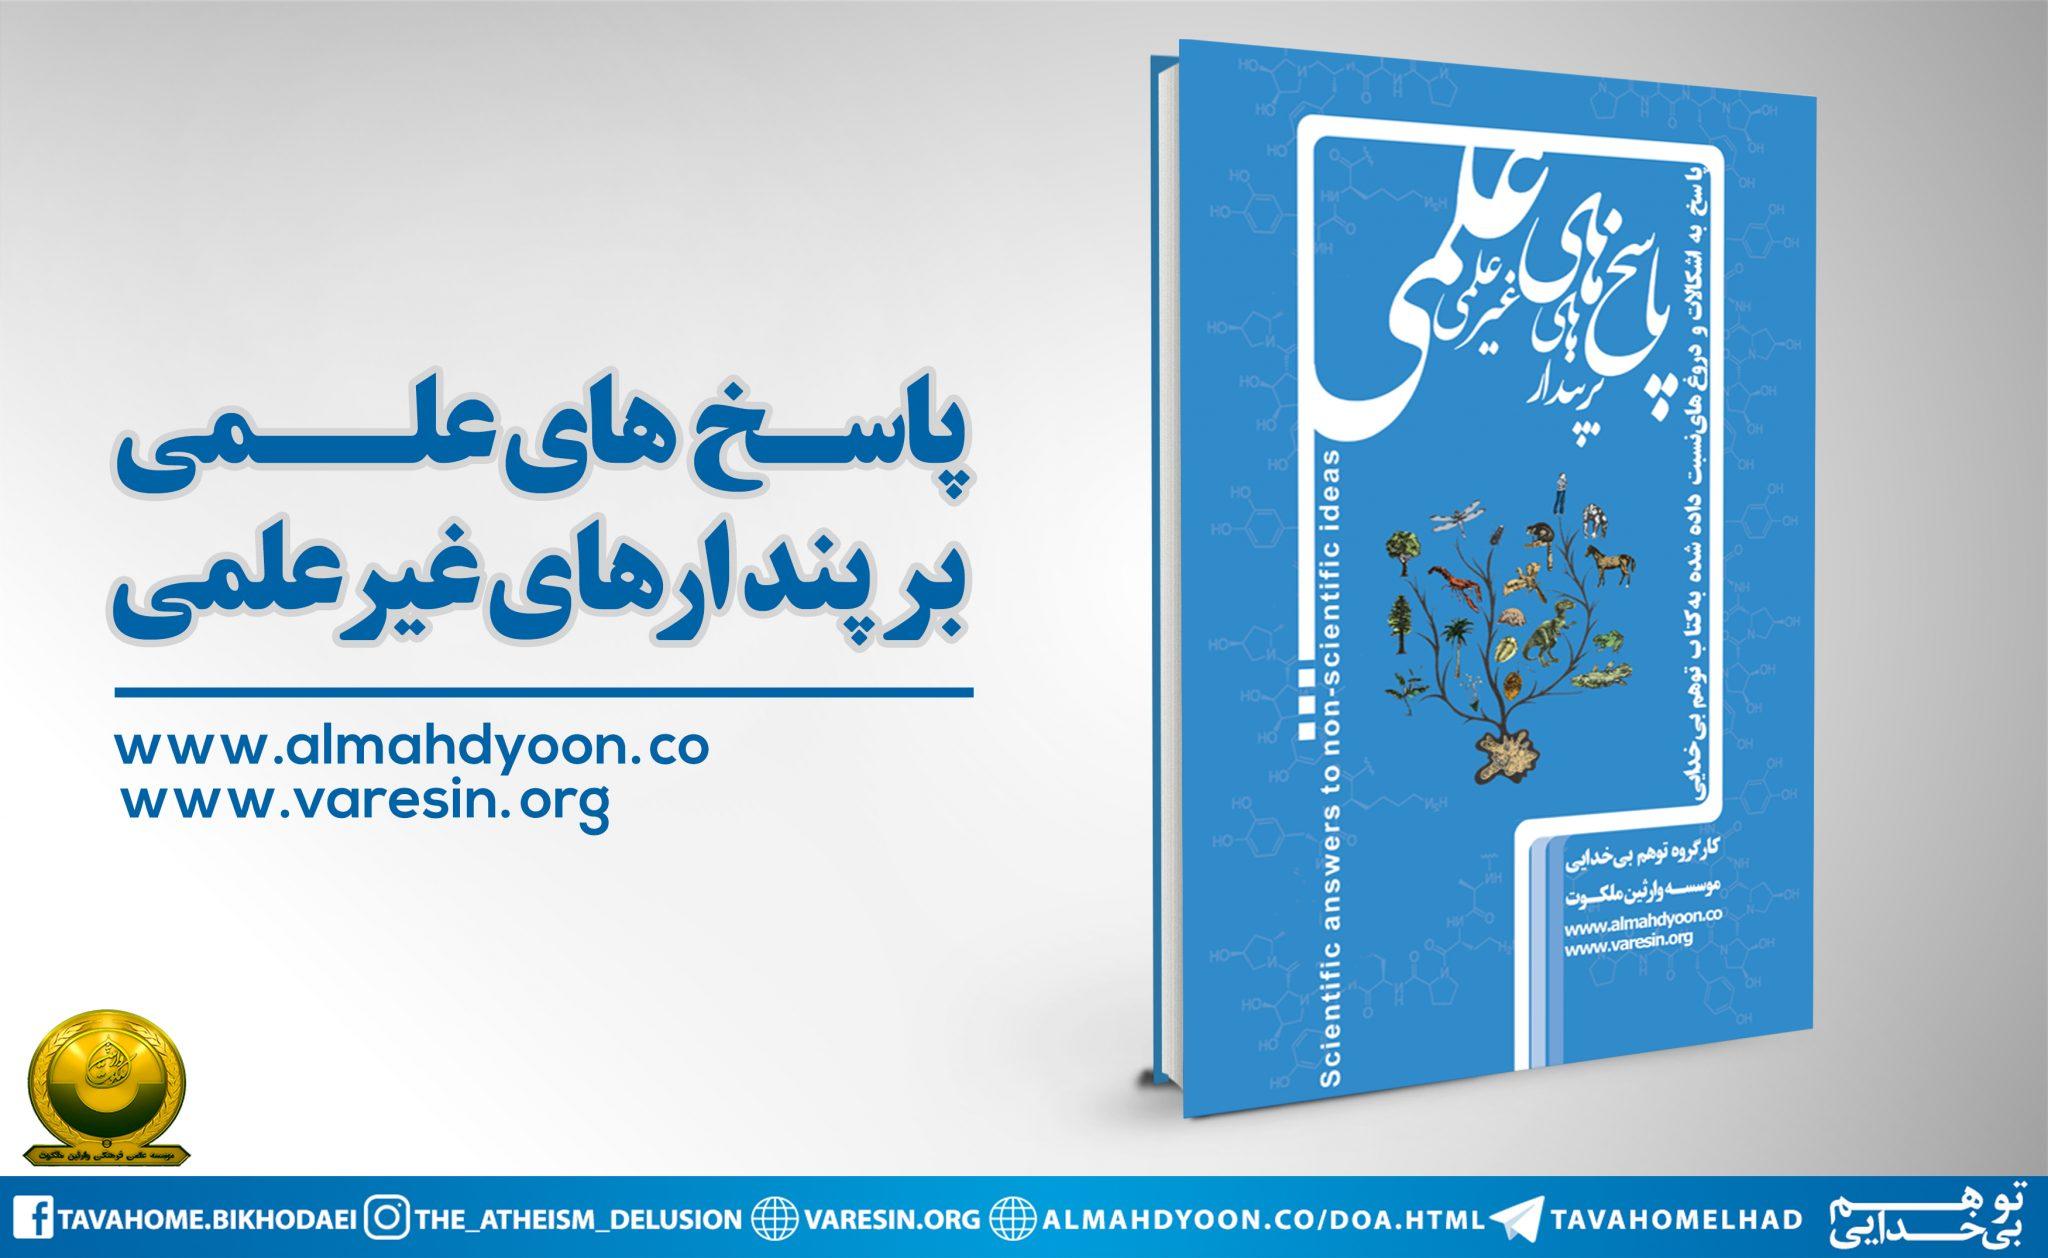 کتاب پاسخهای علمی بر پندارهای غیرعلمی توهم بی خدایی دعوت احمد الحسن یمانی